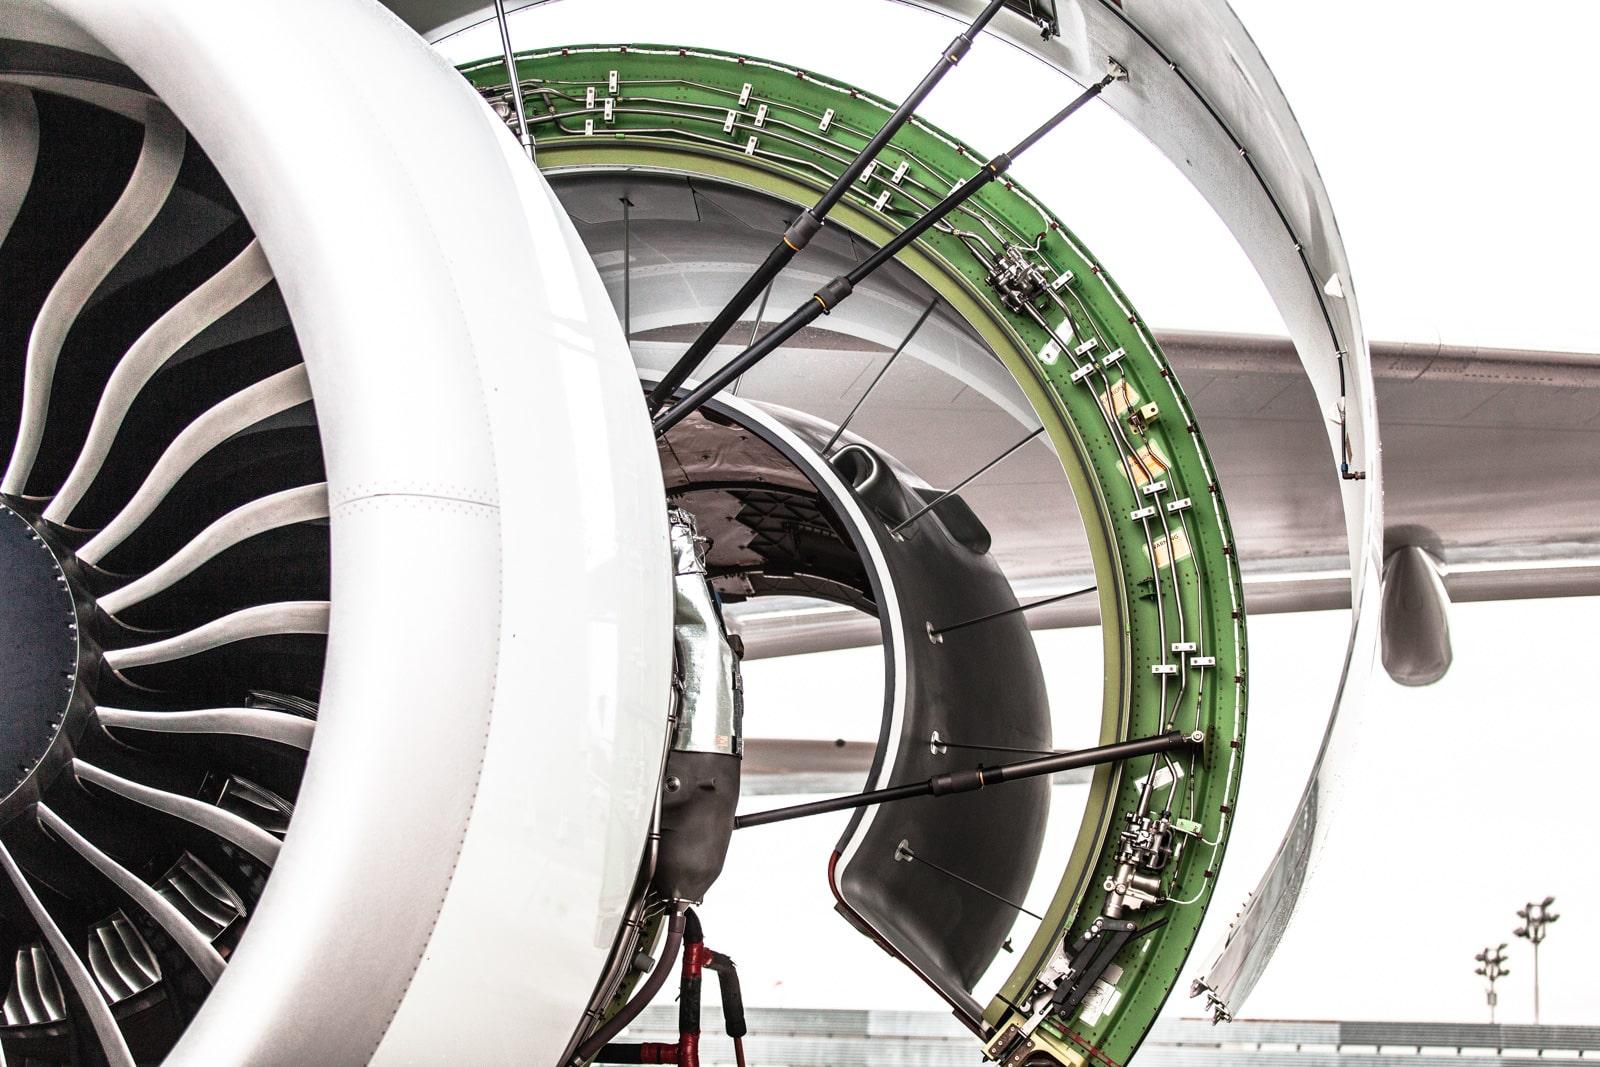 Triebwerk aufgeklappt einer Boeing